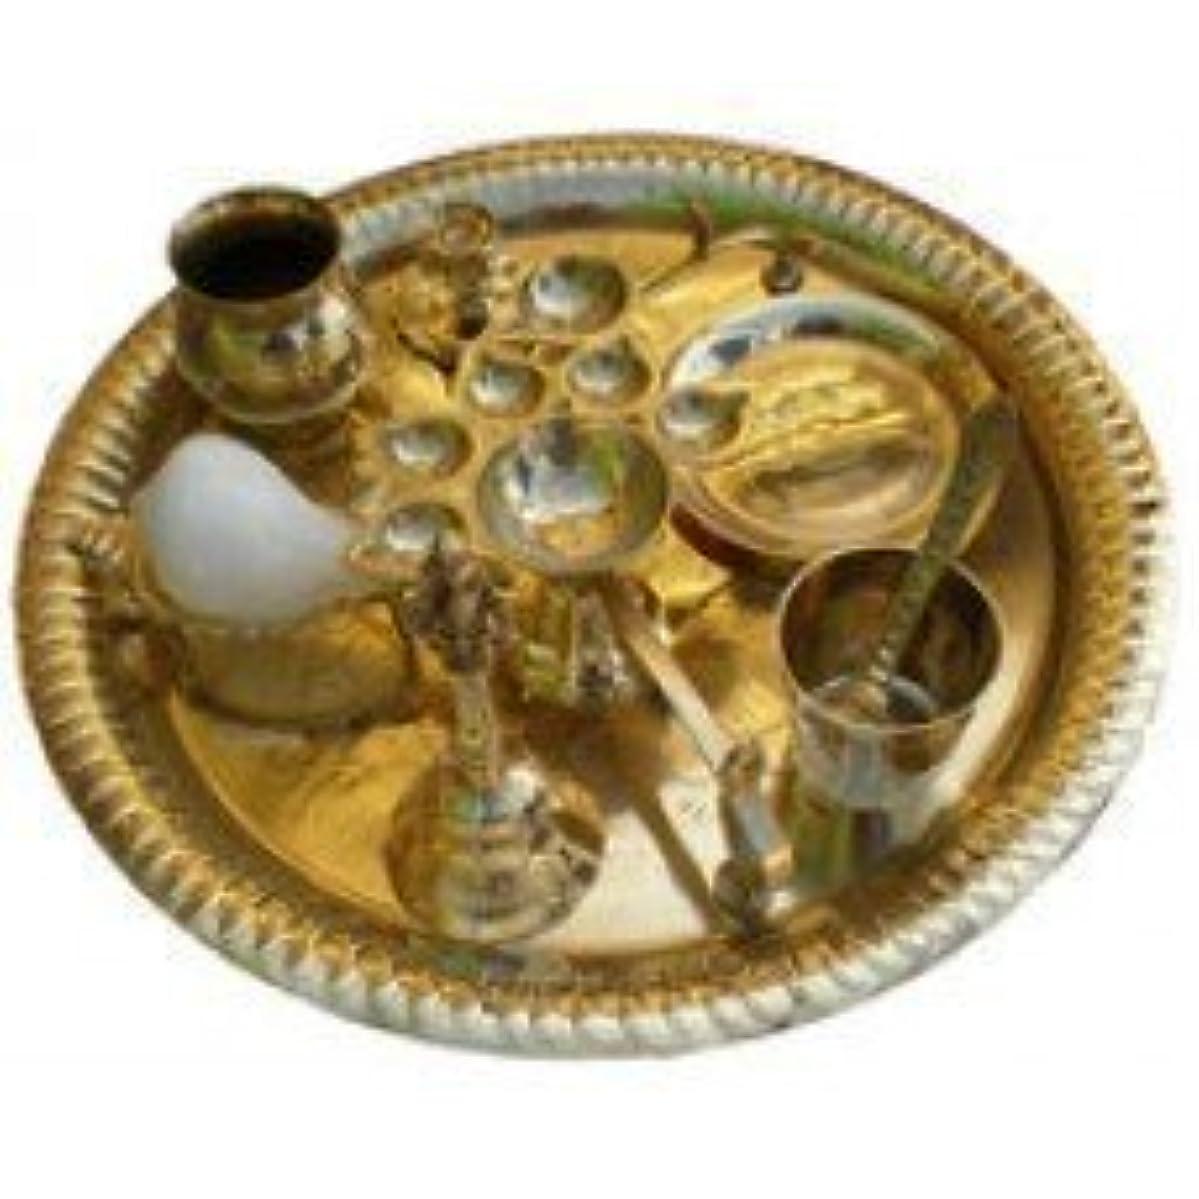 ルアー発火する薄めるAarti Set (tray with Bell, Incense Holder, Flower Tray, Conch, Ghee Lamps)